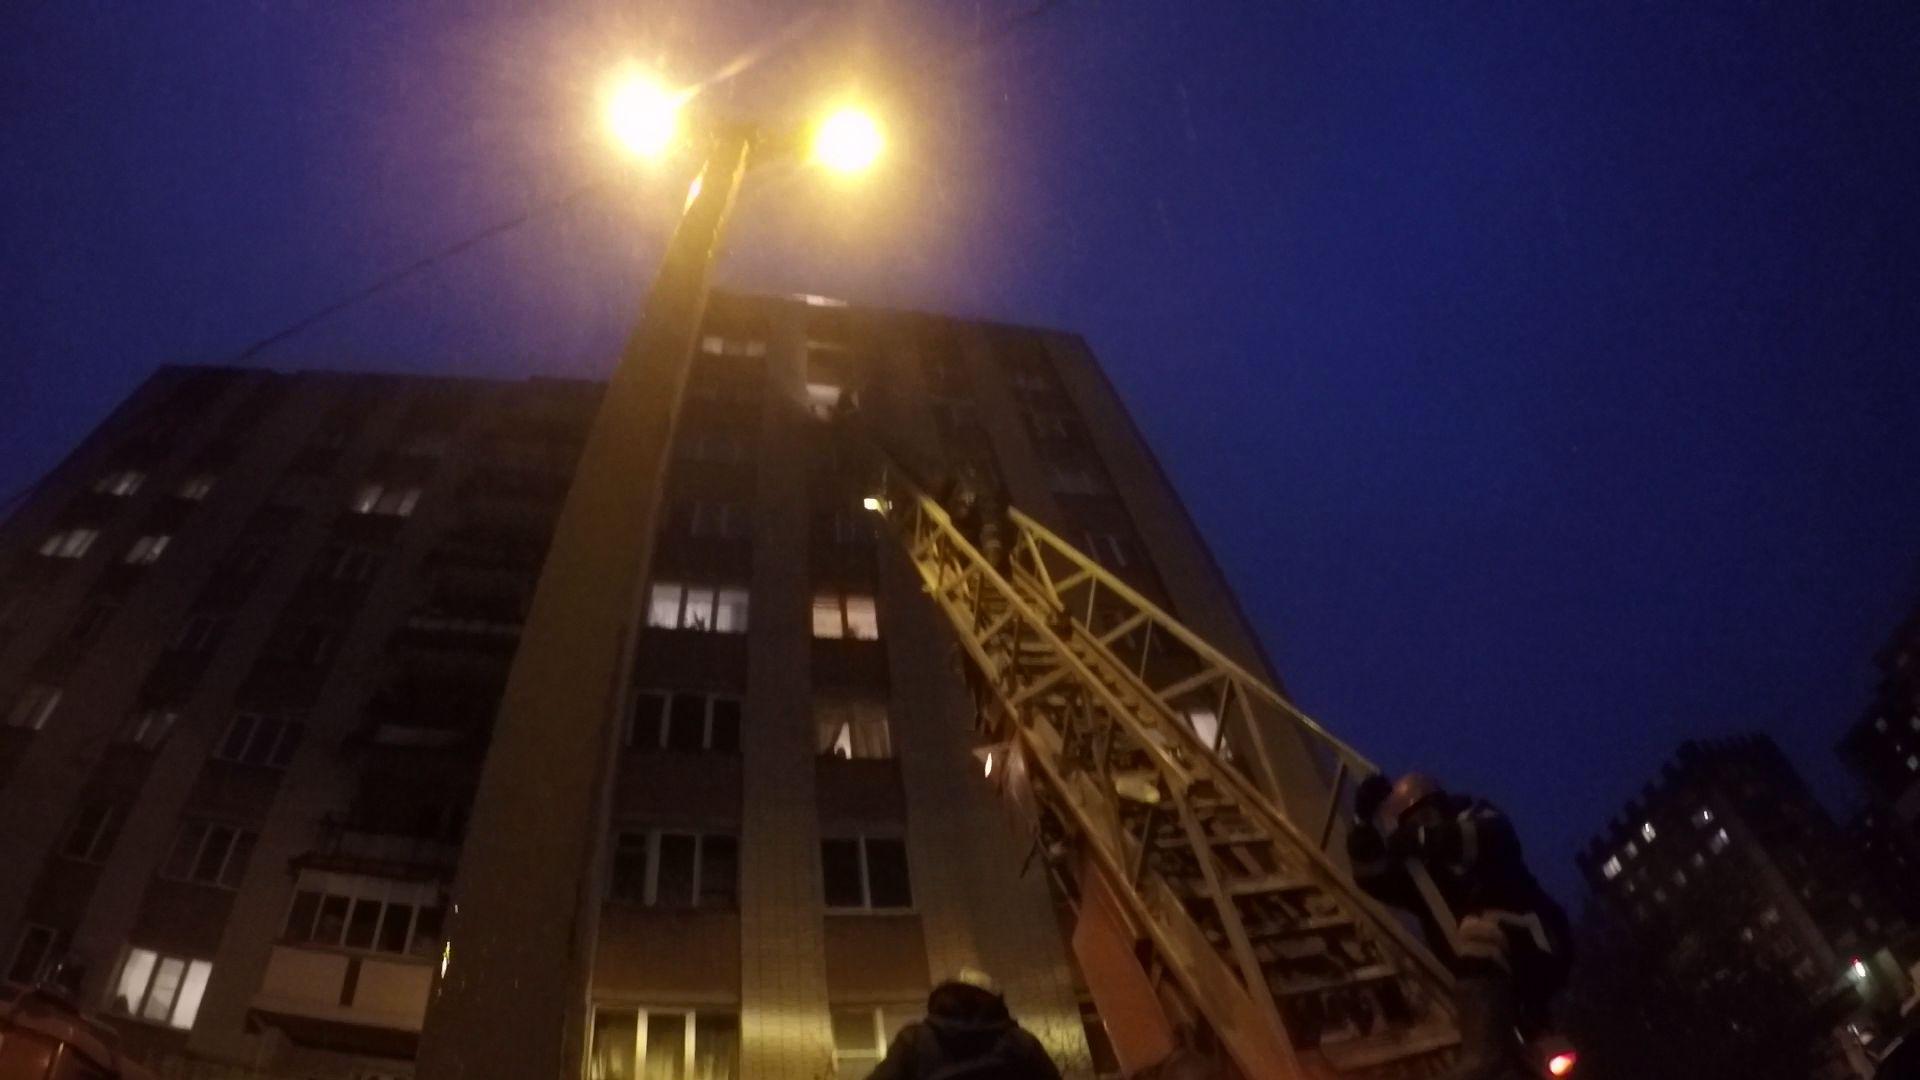 Из-за ссоры с подругой 25-летний парень едва не сиганул с многоэтажки